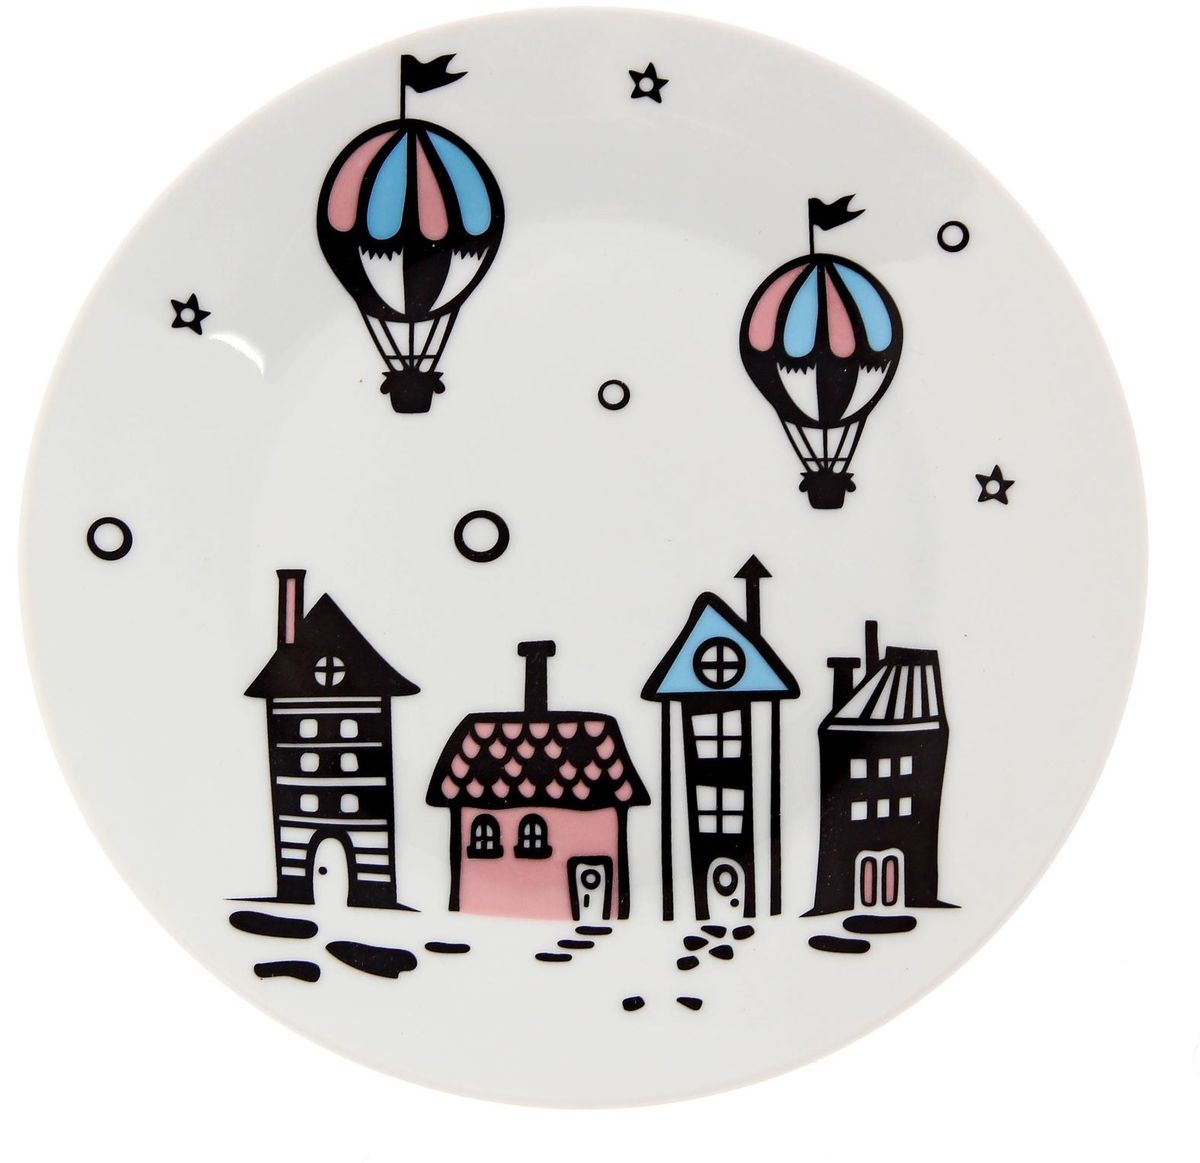 Тарелка мелкая Сотвори чудо Воздушный город, диаметр 20 см тарелка мелкая сотвори чудо цветочный мишка диаметр 20 см